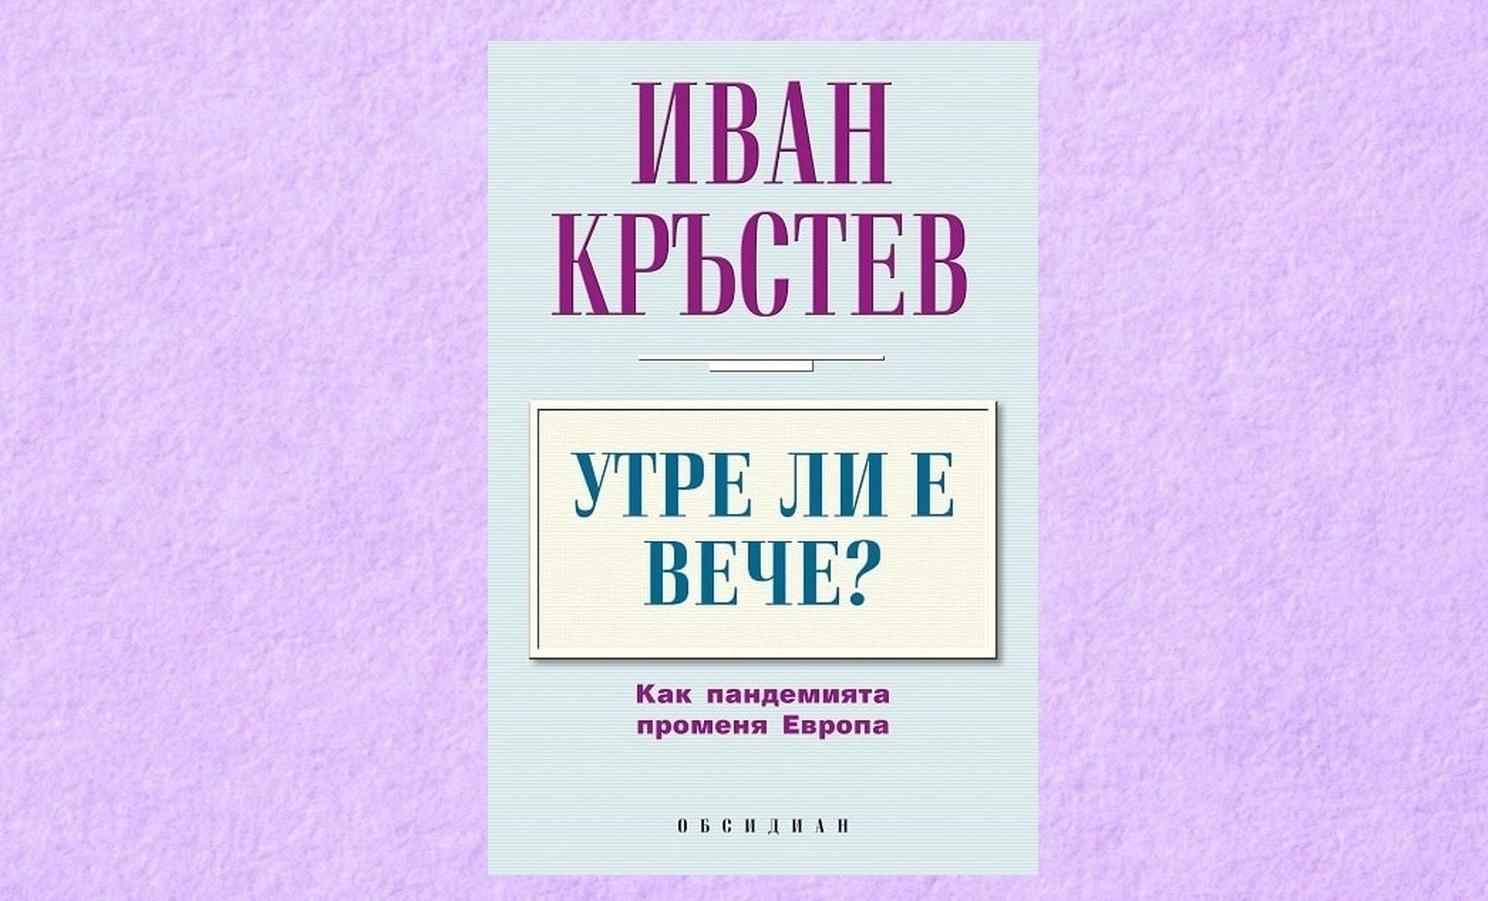 """""""Утре ли е вече?"""" и как според Иван Кръстев пандемията променя Европа"""